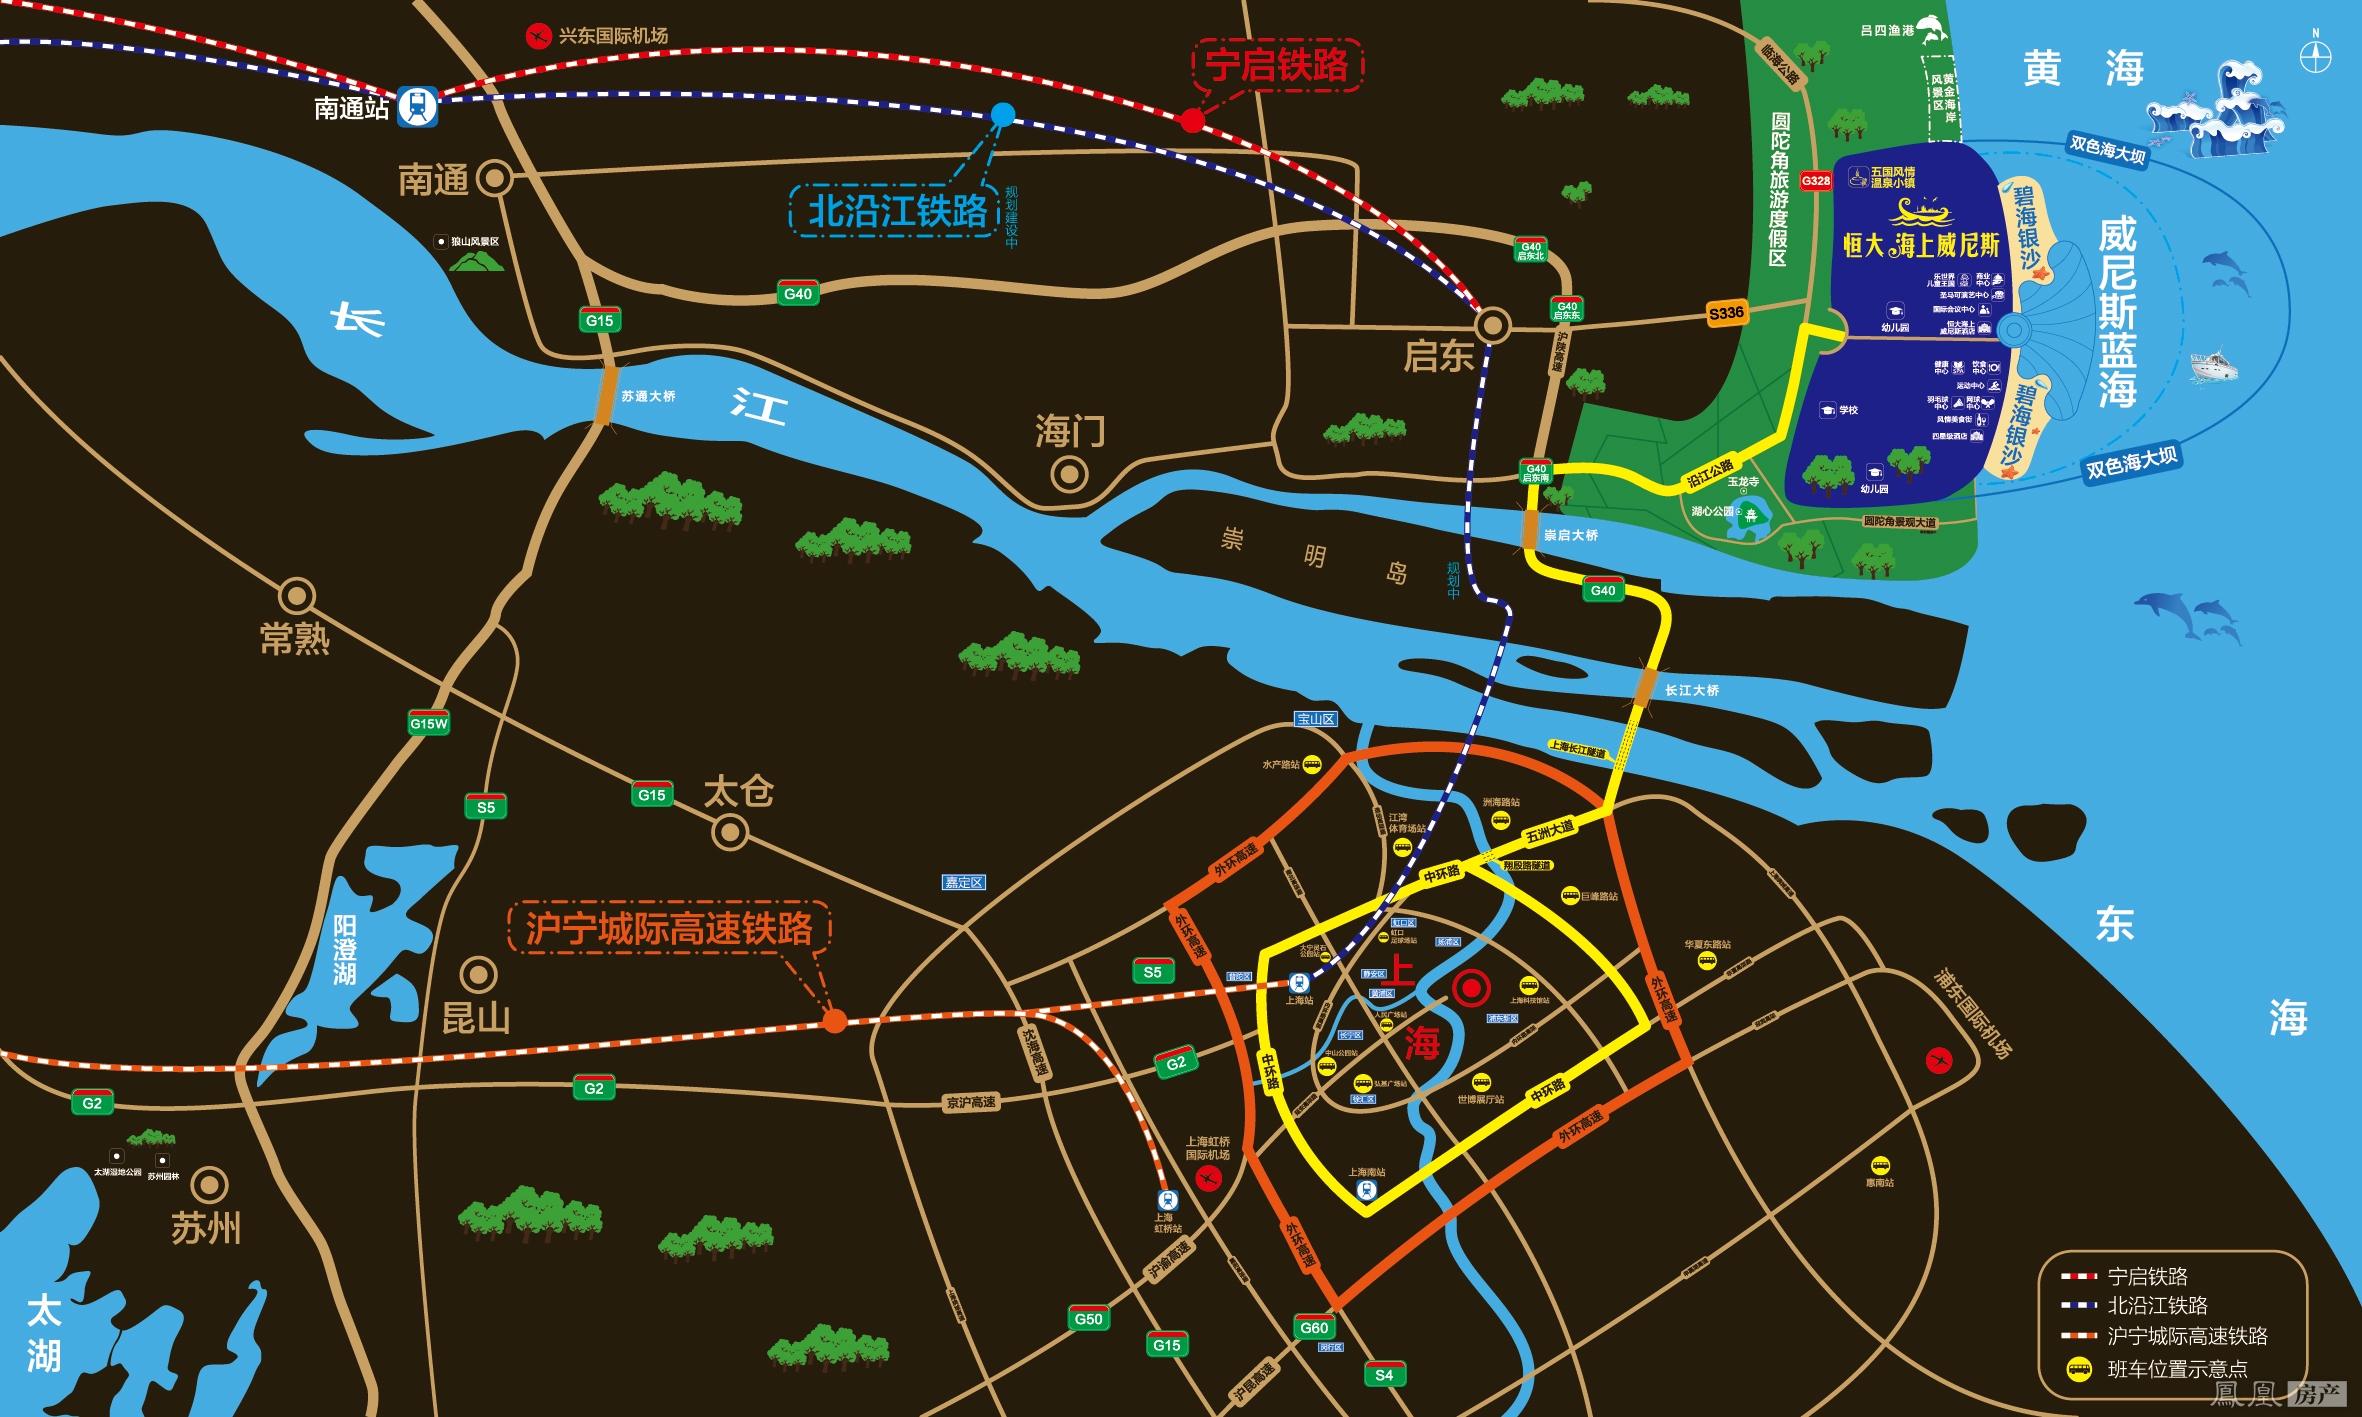 恒大·海上威尼斯规划图2